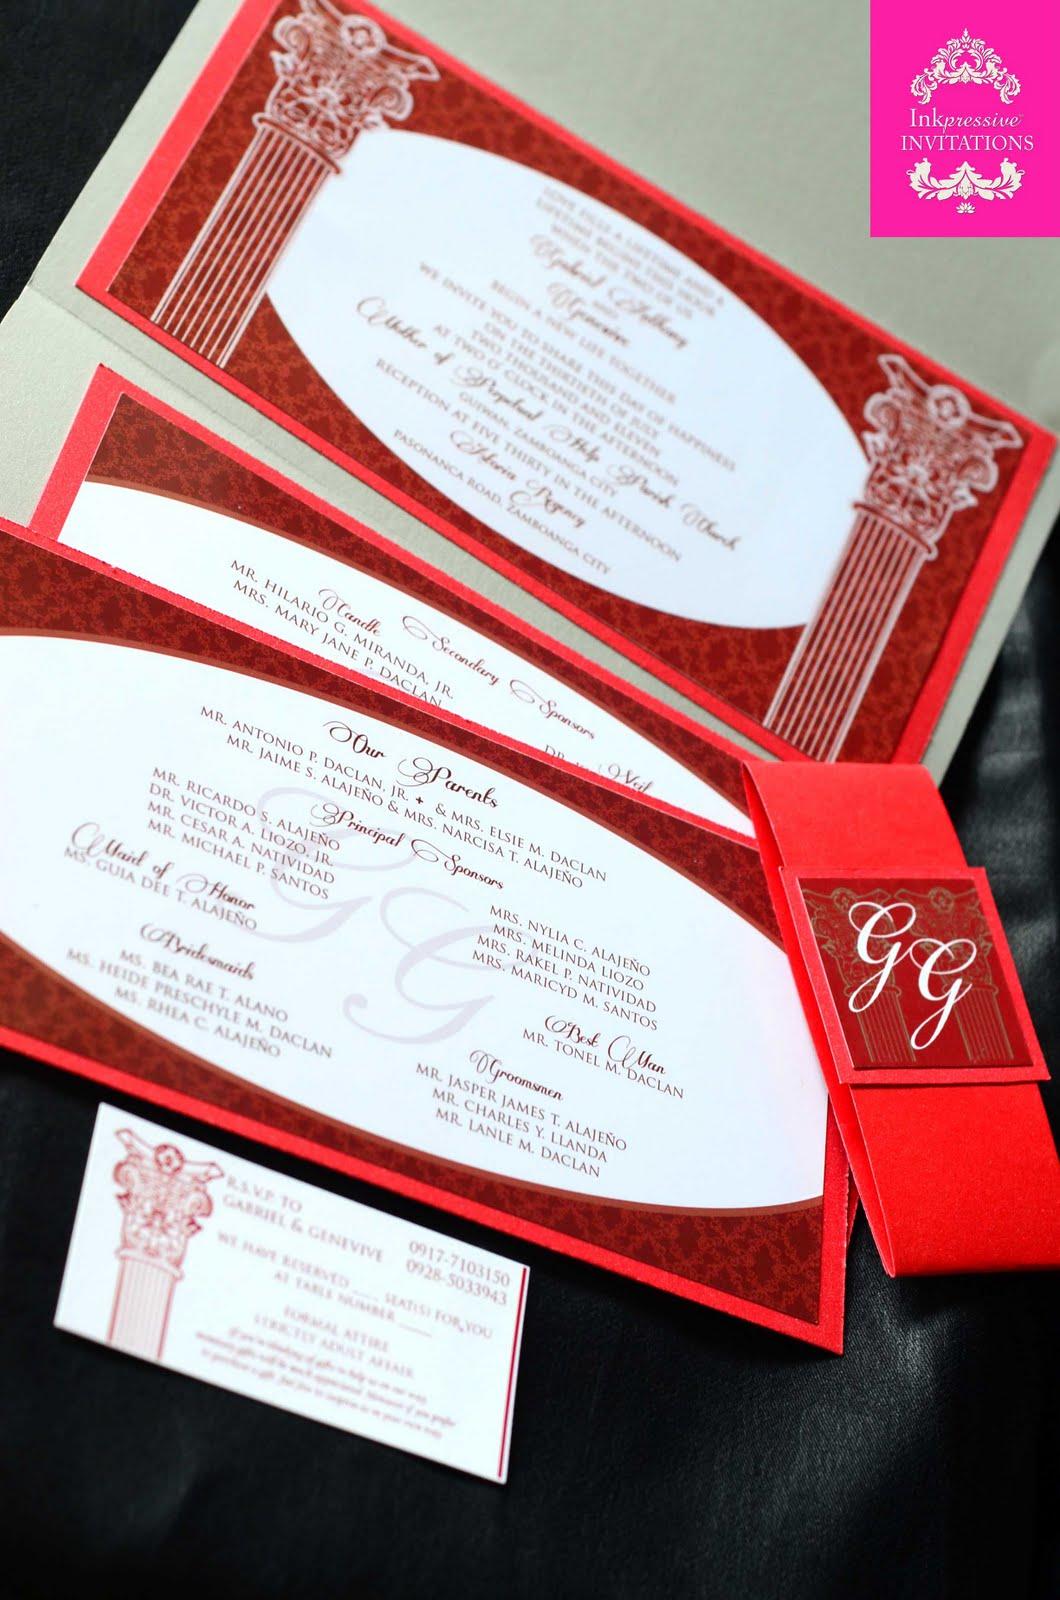 Red and Silver Wedding Invitation | INKPRESSIVE INVITATIONS